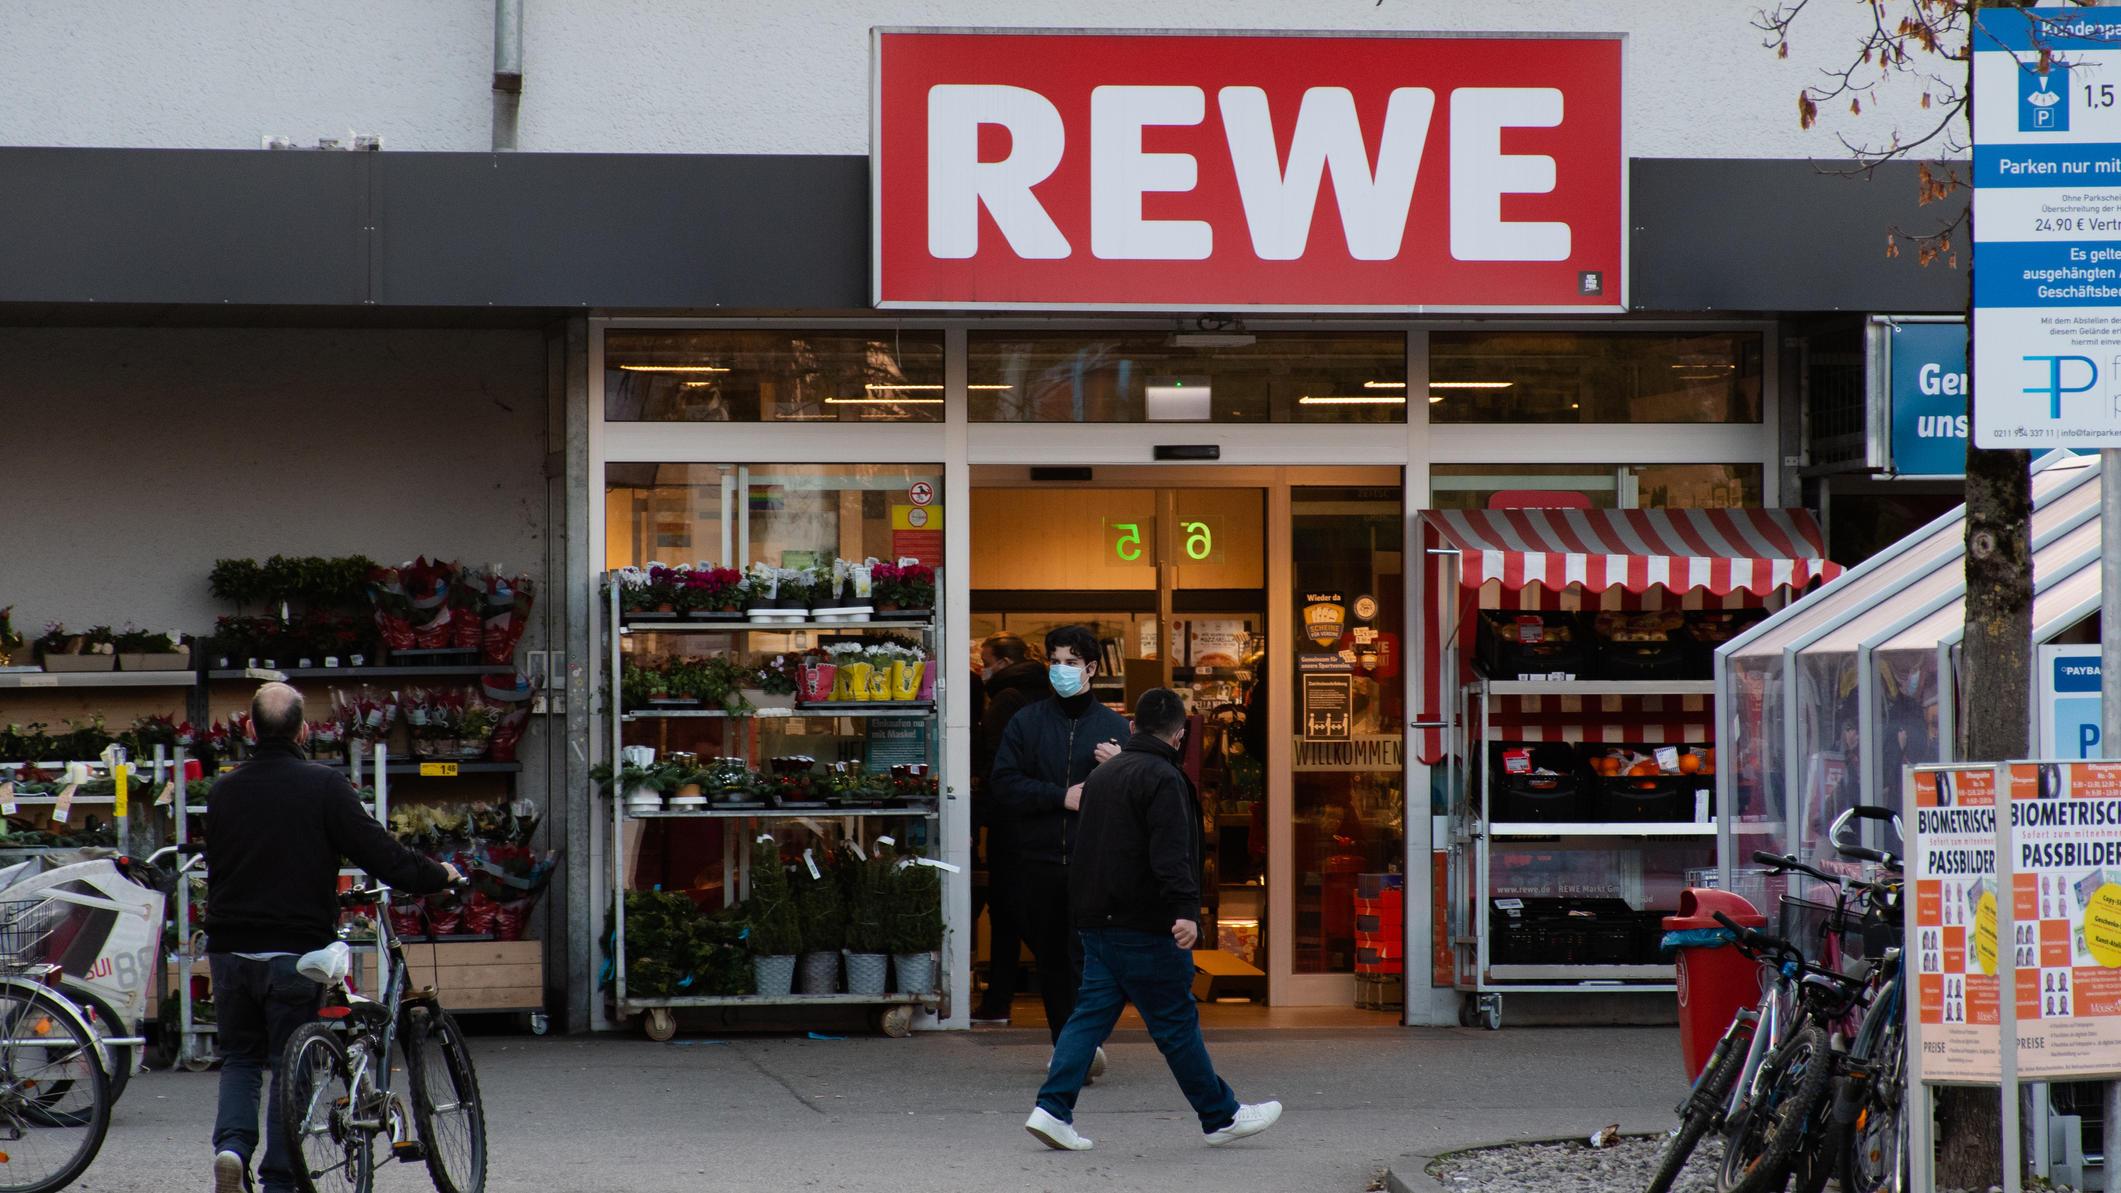 Preis-Zoff: Auf DIESE beliebten Marken müssen Rewe-Kunden bald verzichten - RTL Online